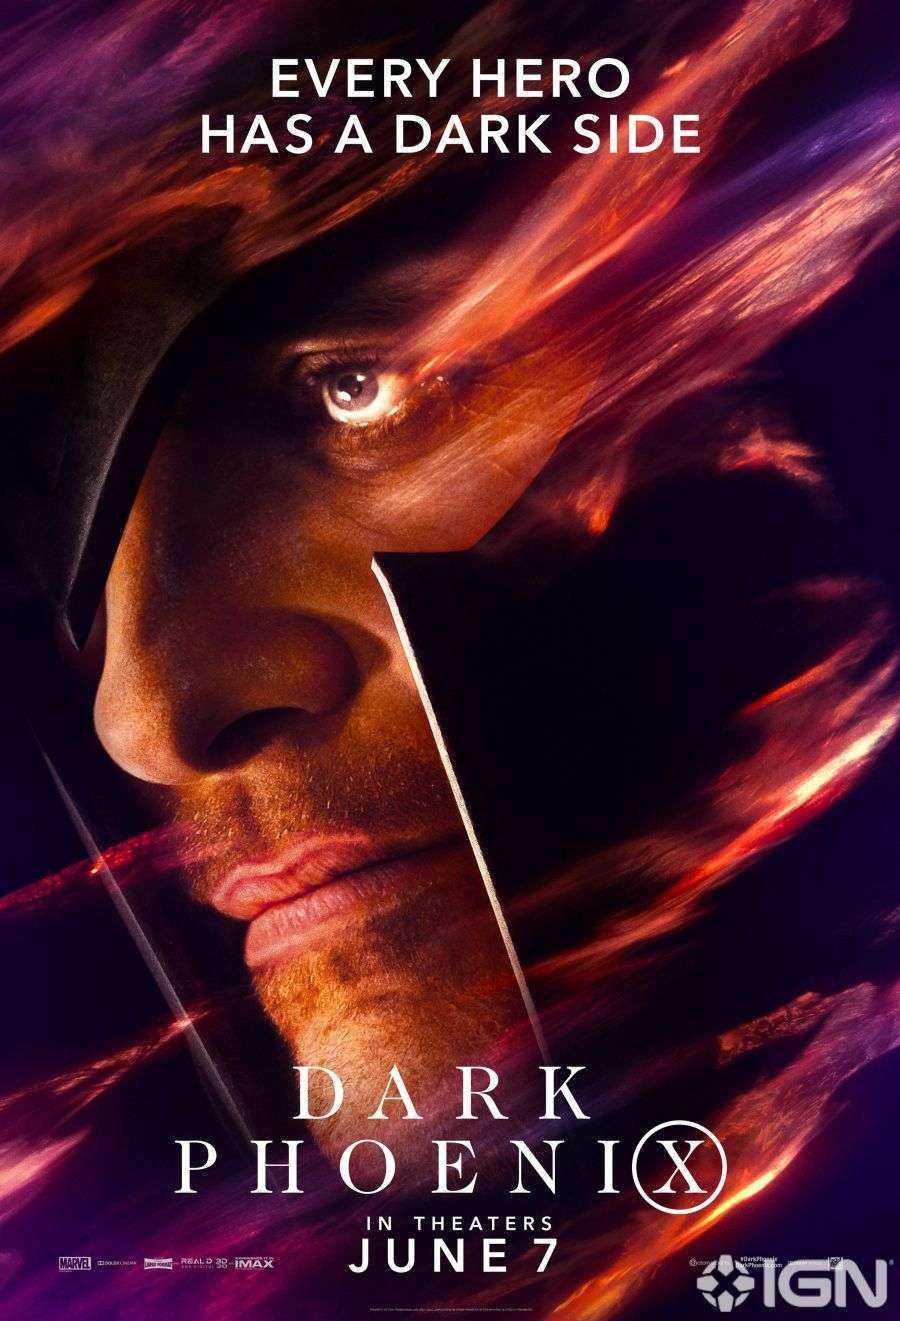 X-Men Dark Phoenix Movie Poster 05